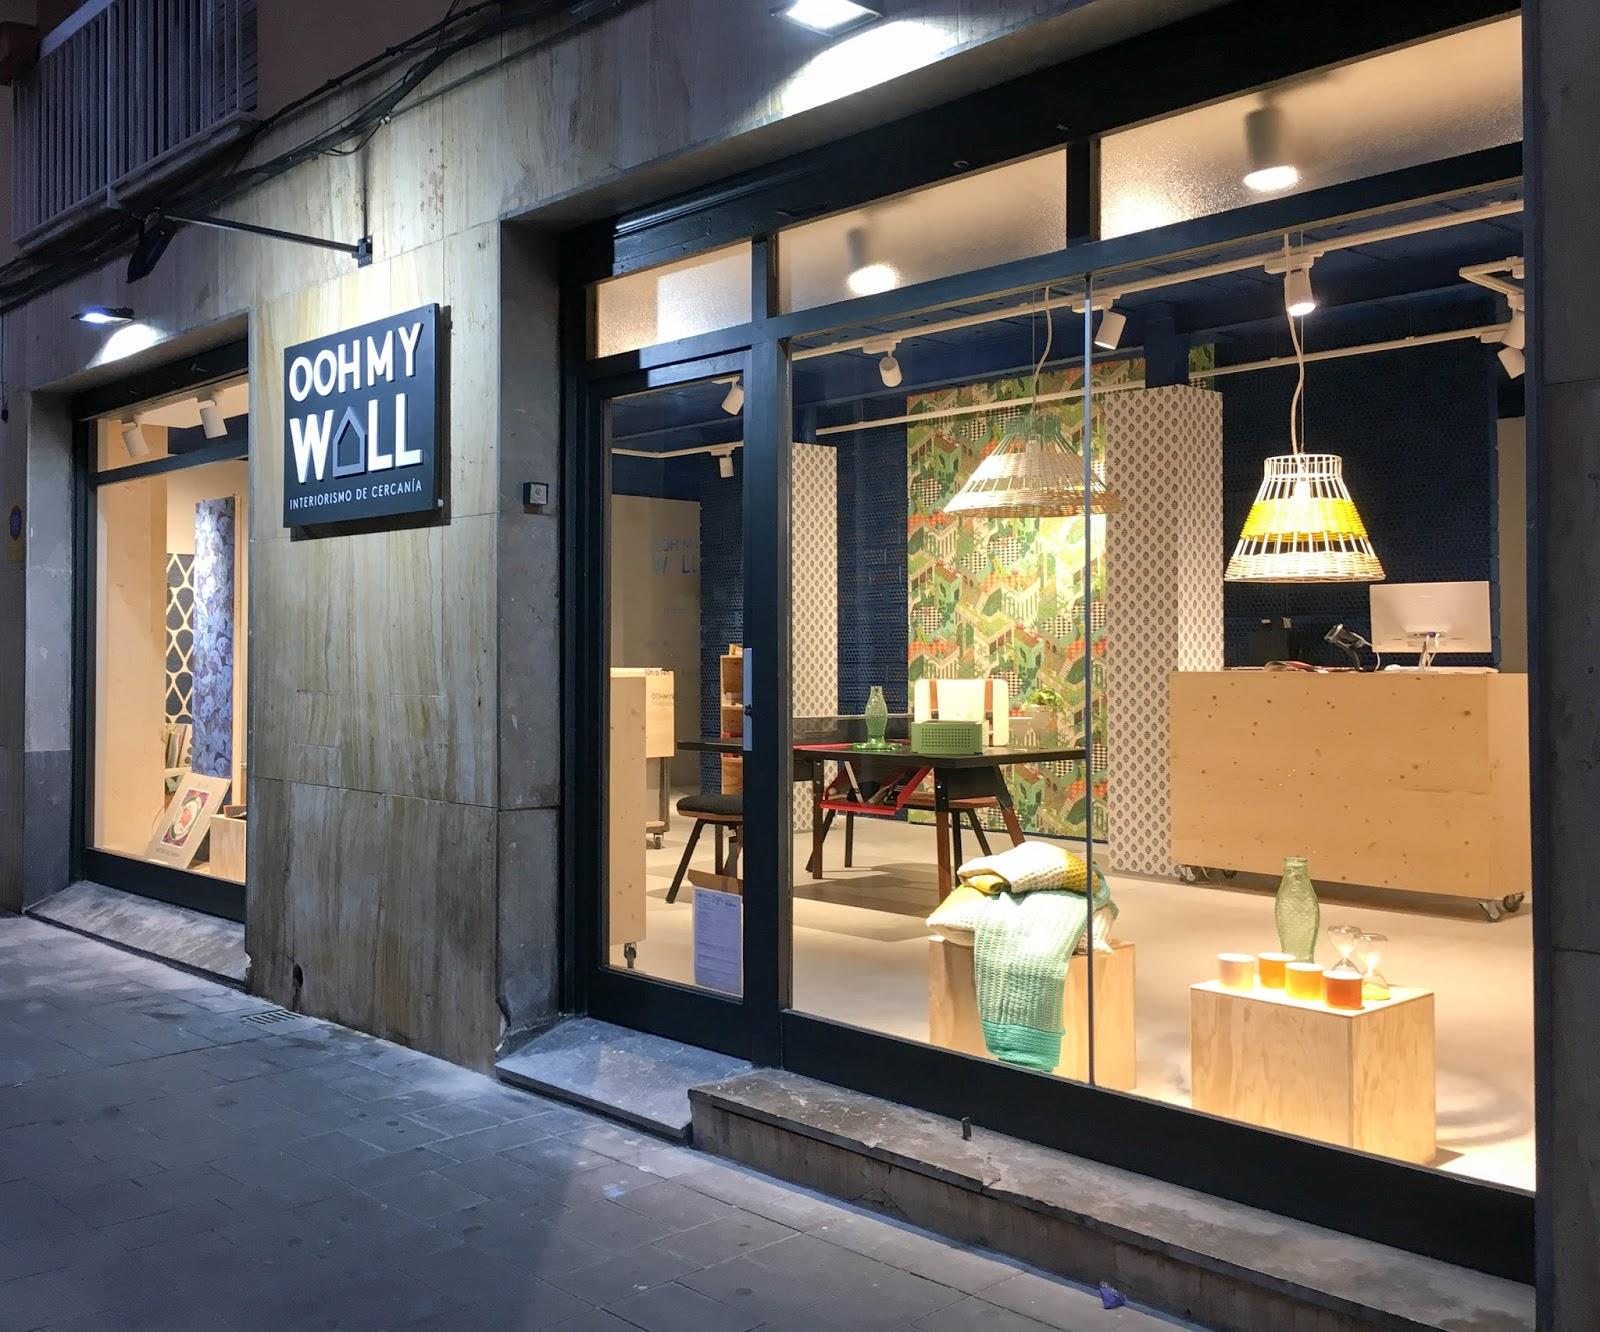 Noticias de castelldefels oohmywall abre un nuevo espacio for Estudios de interiorismo barcelona